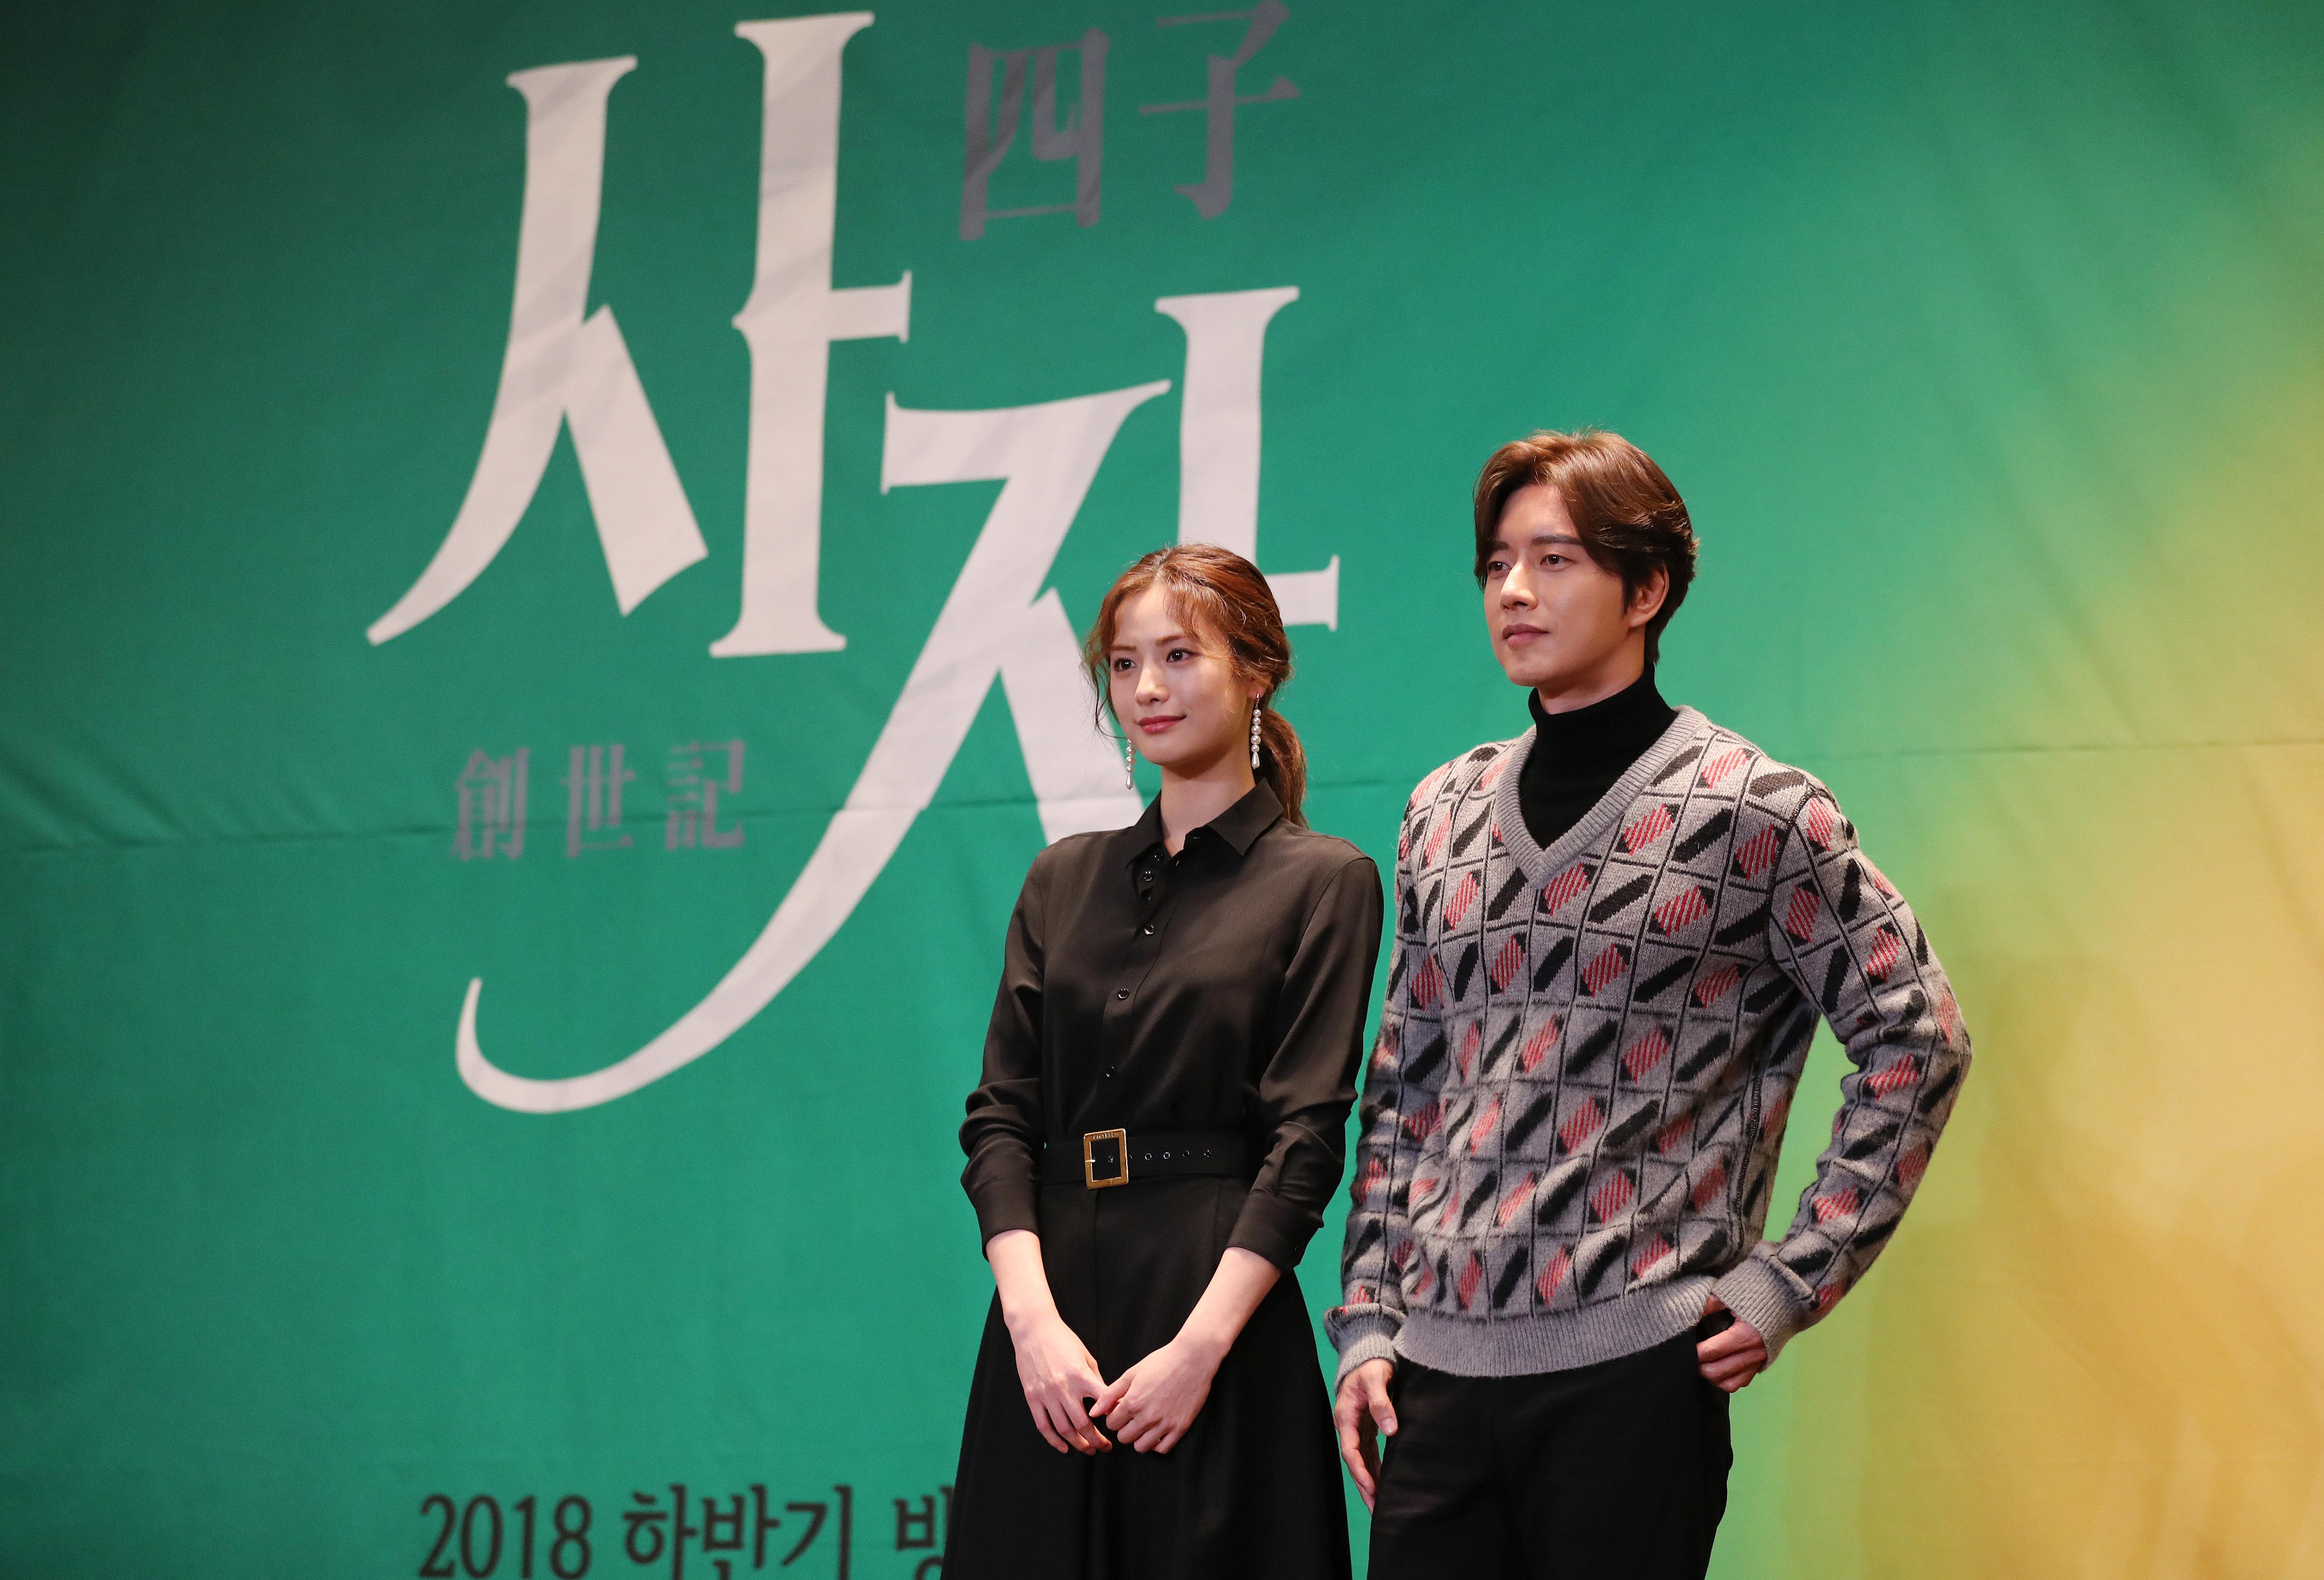 드라마 '사자' 제작사가 제작 중단설에 대해 입장을 밝혔다